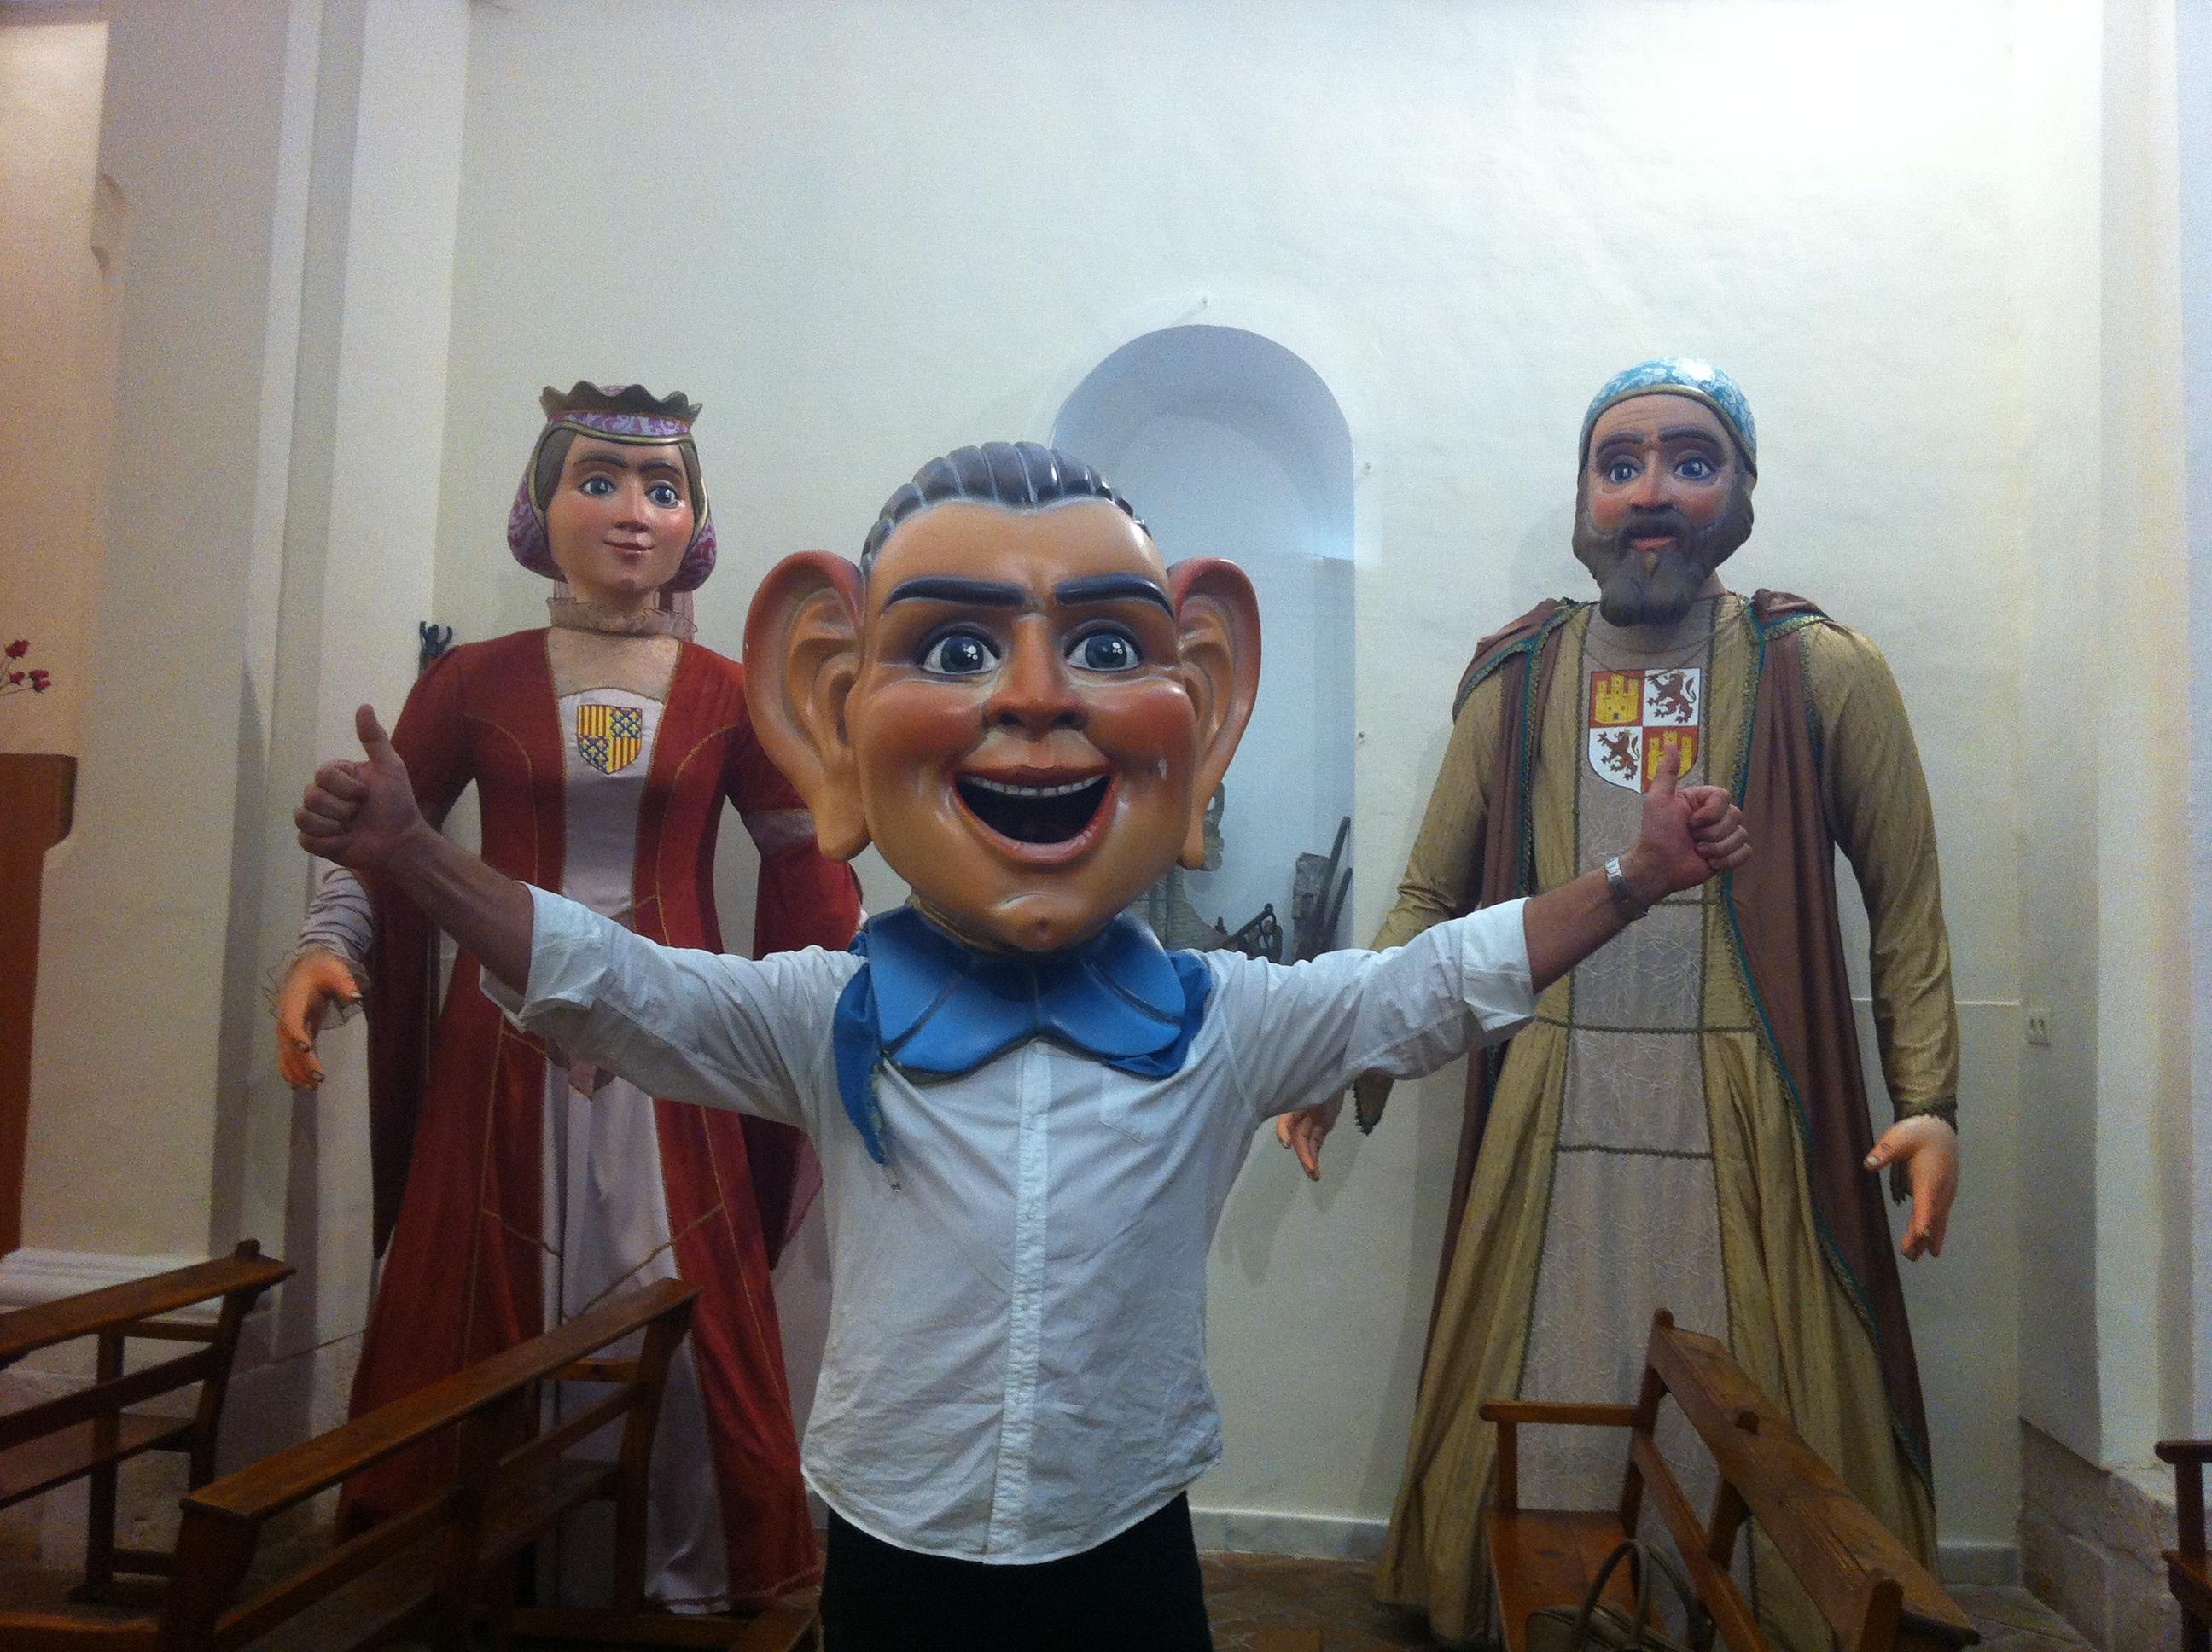 La historia y fiesta de Villena (Costa Blanca)